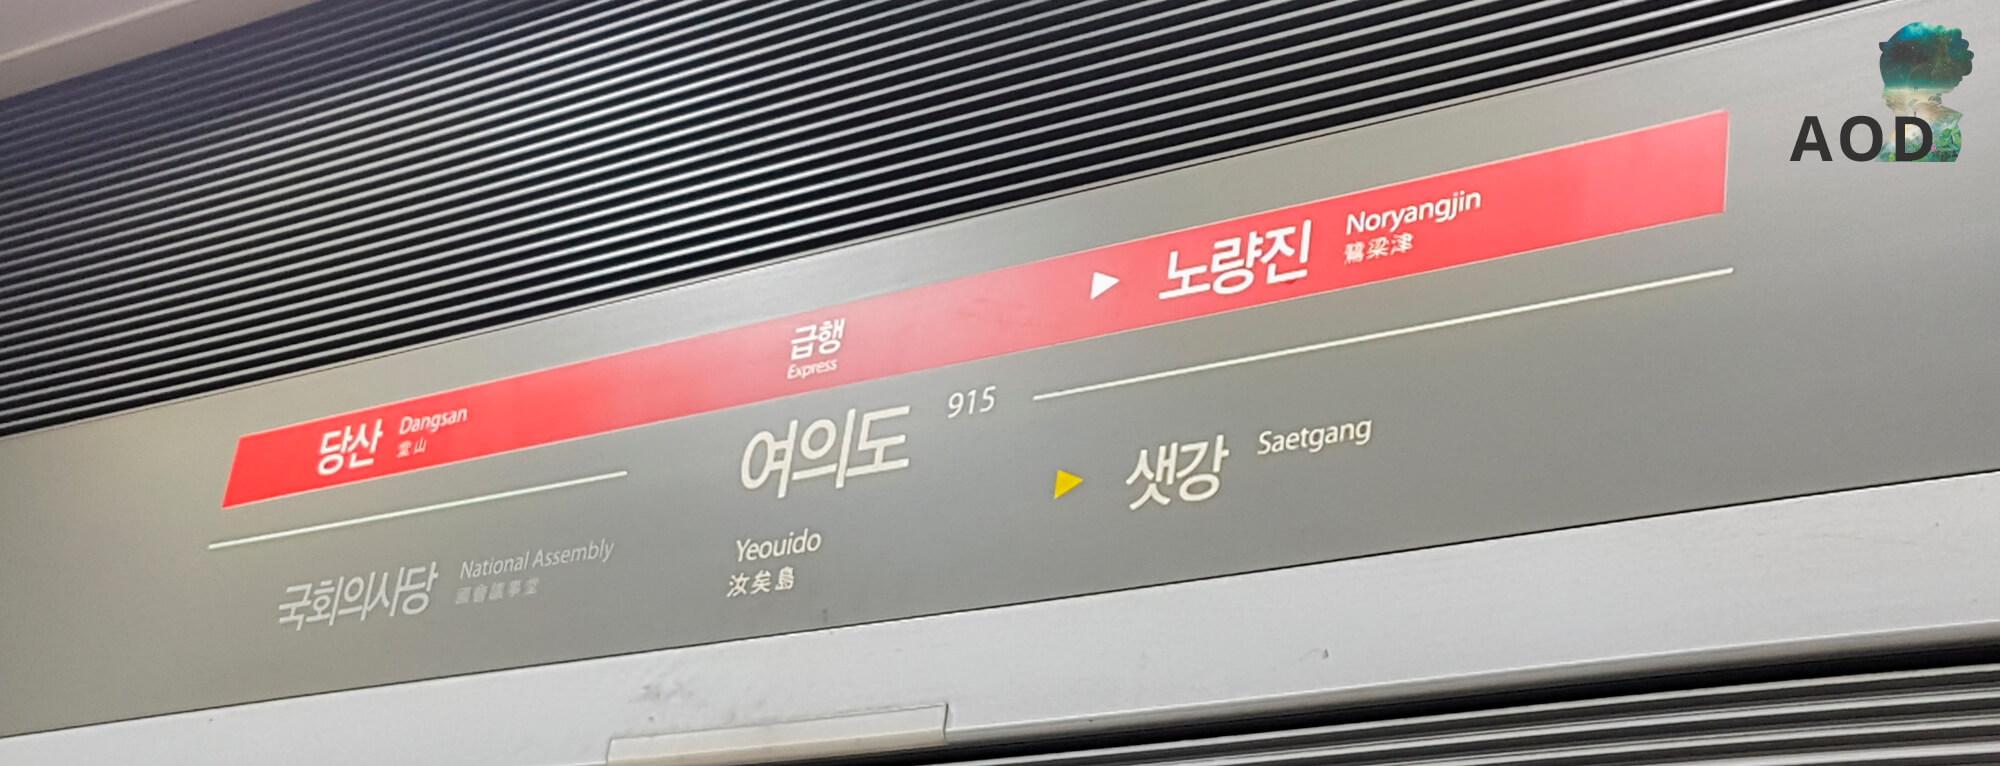 U-Bahn-Station:  Stationsinformationen auf koranisch und englisch.